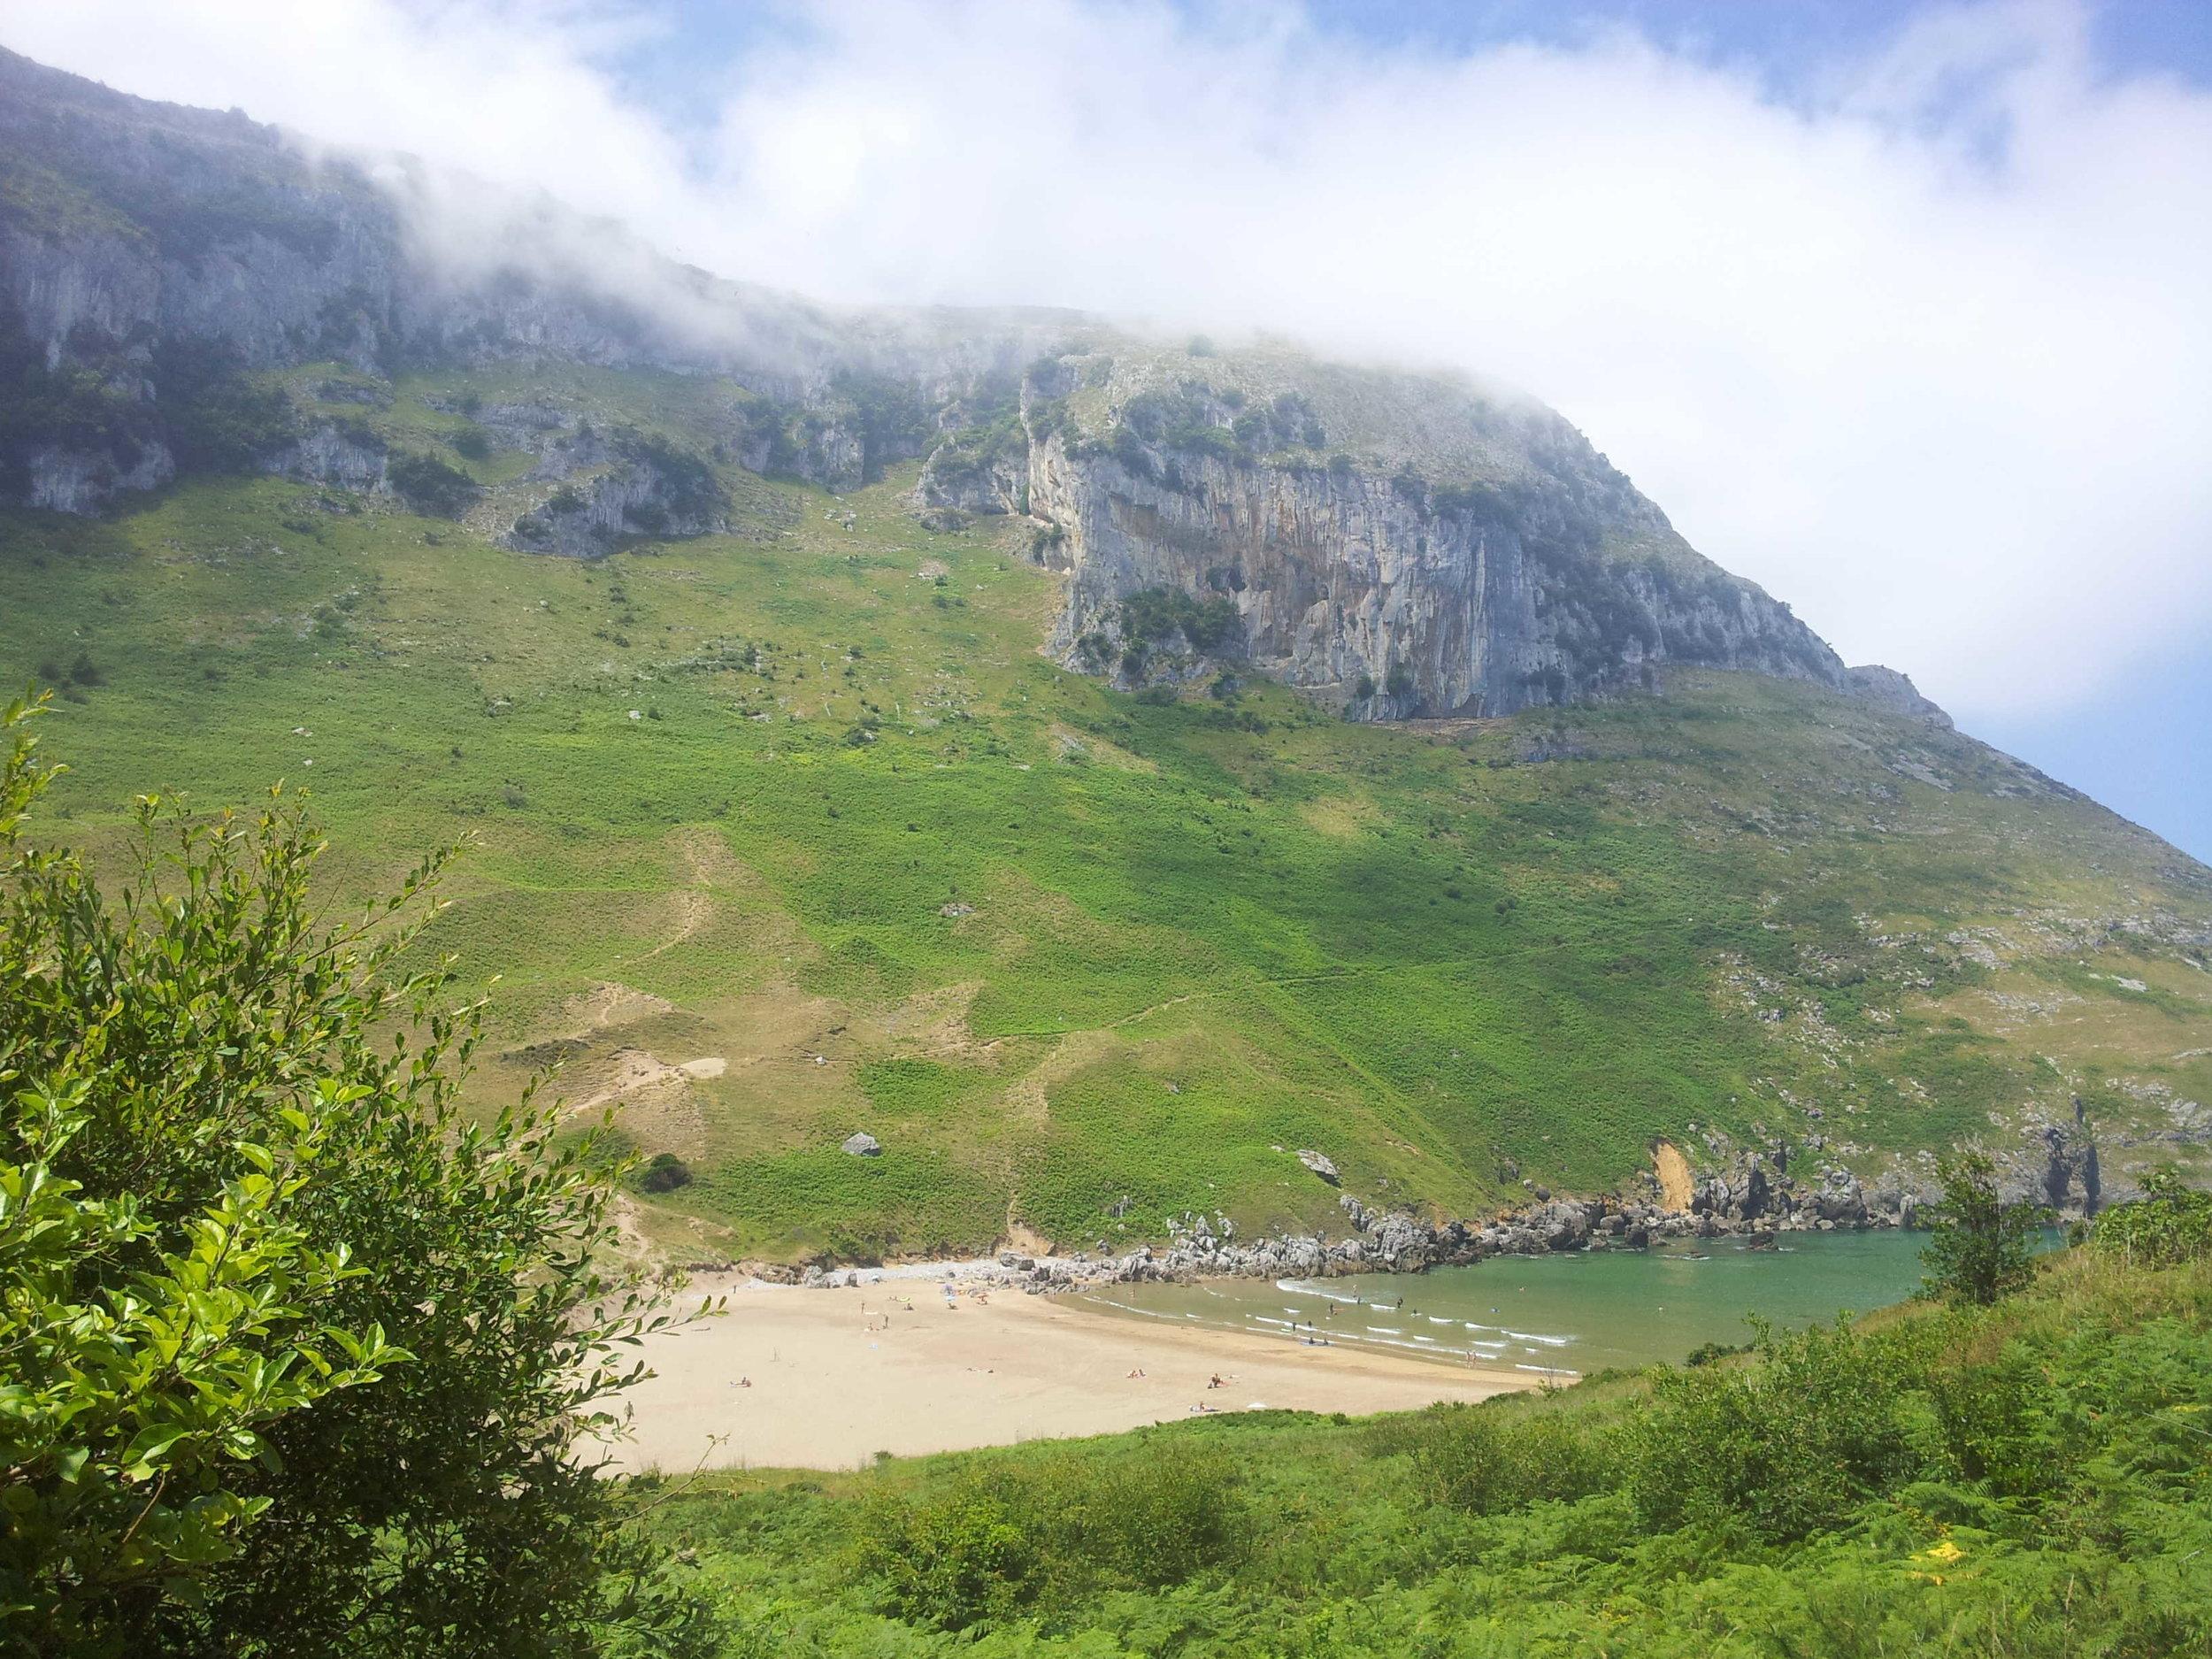 d-casa rural alquiler completo para 14 personas-vacaciones en familia-vacaciones en bilbao-fin de semana en bilbao-amaloka.jpg